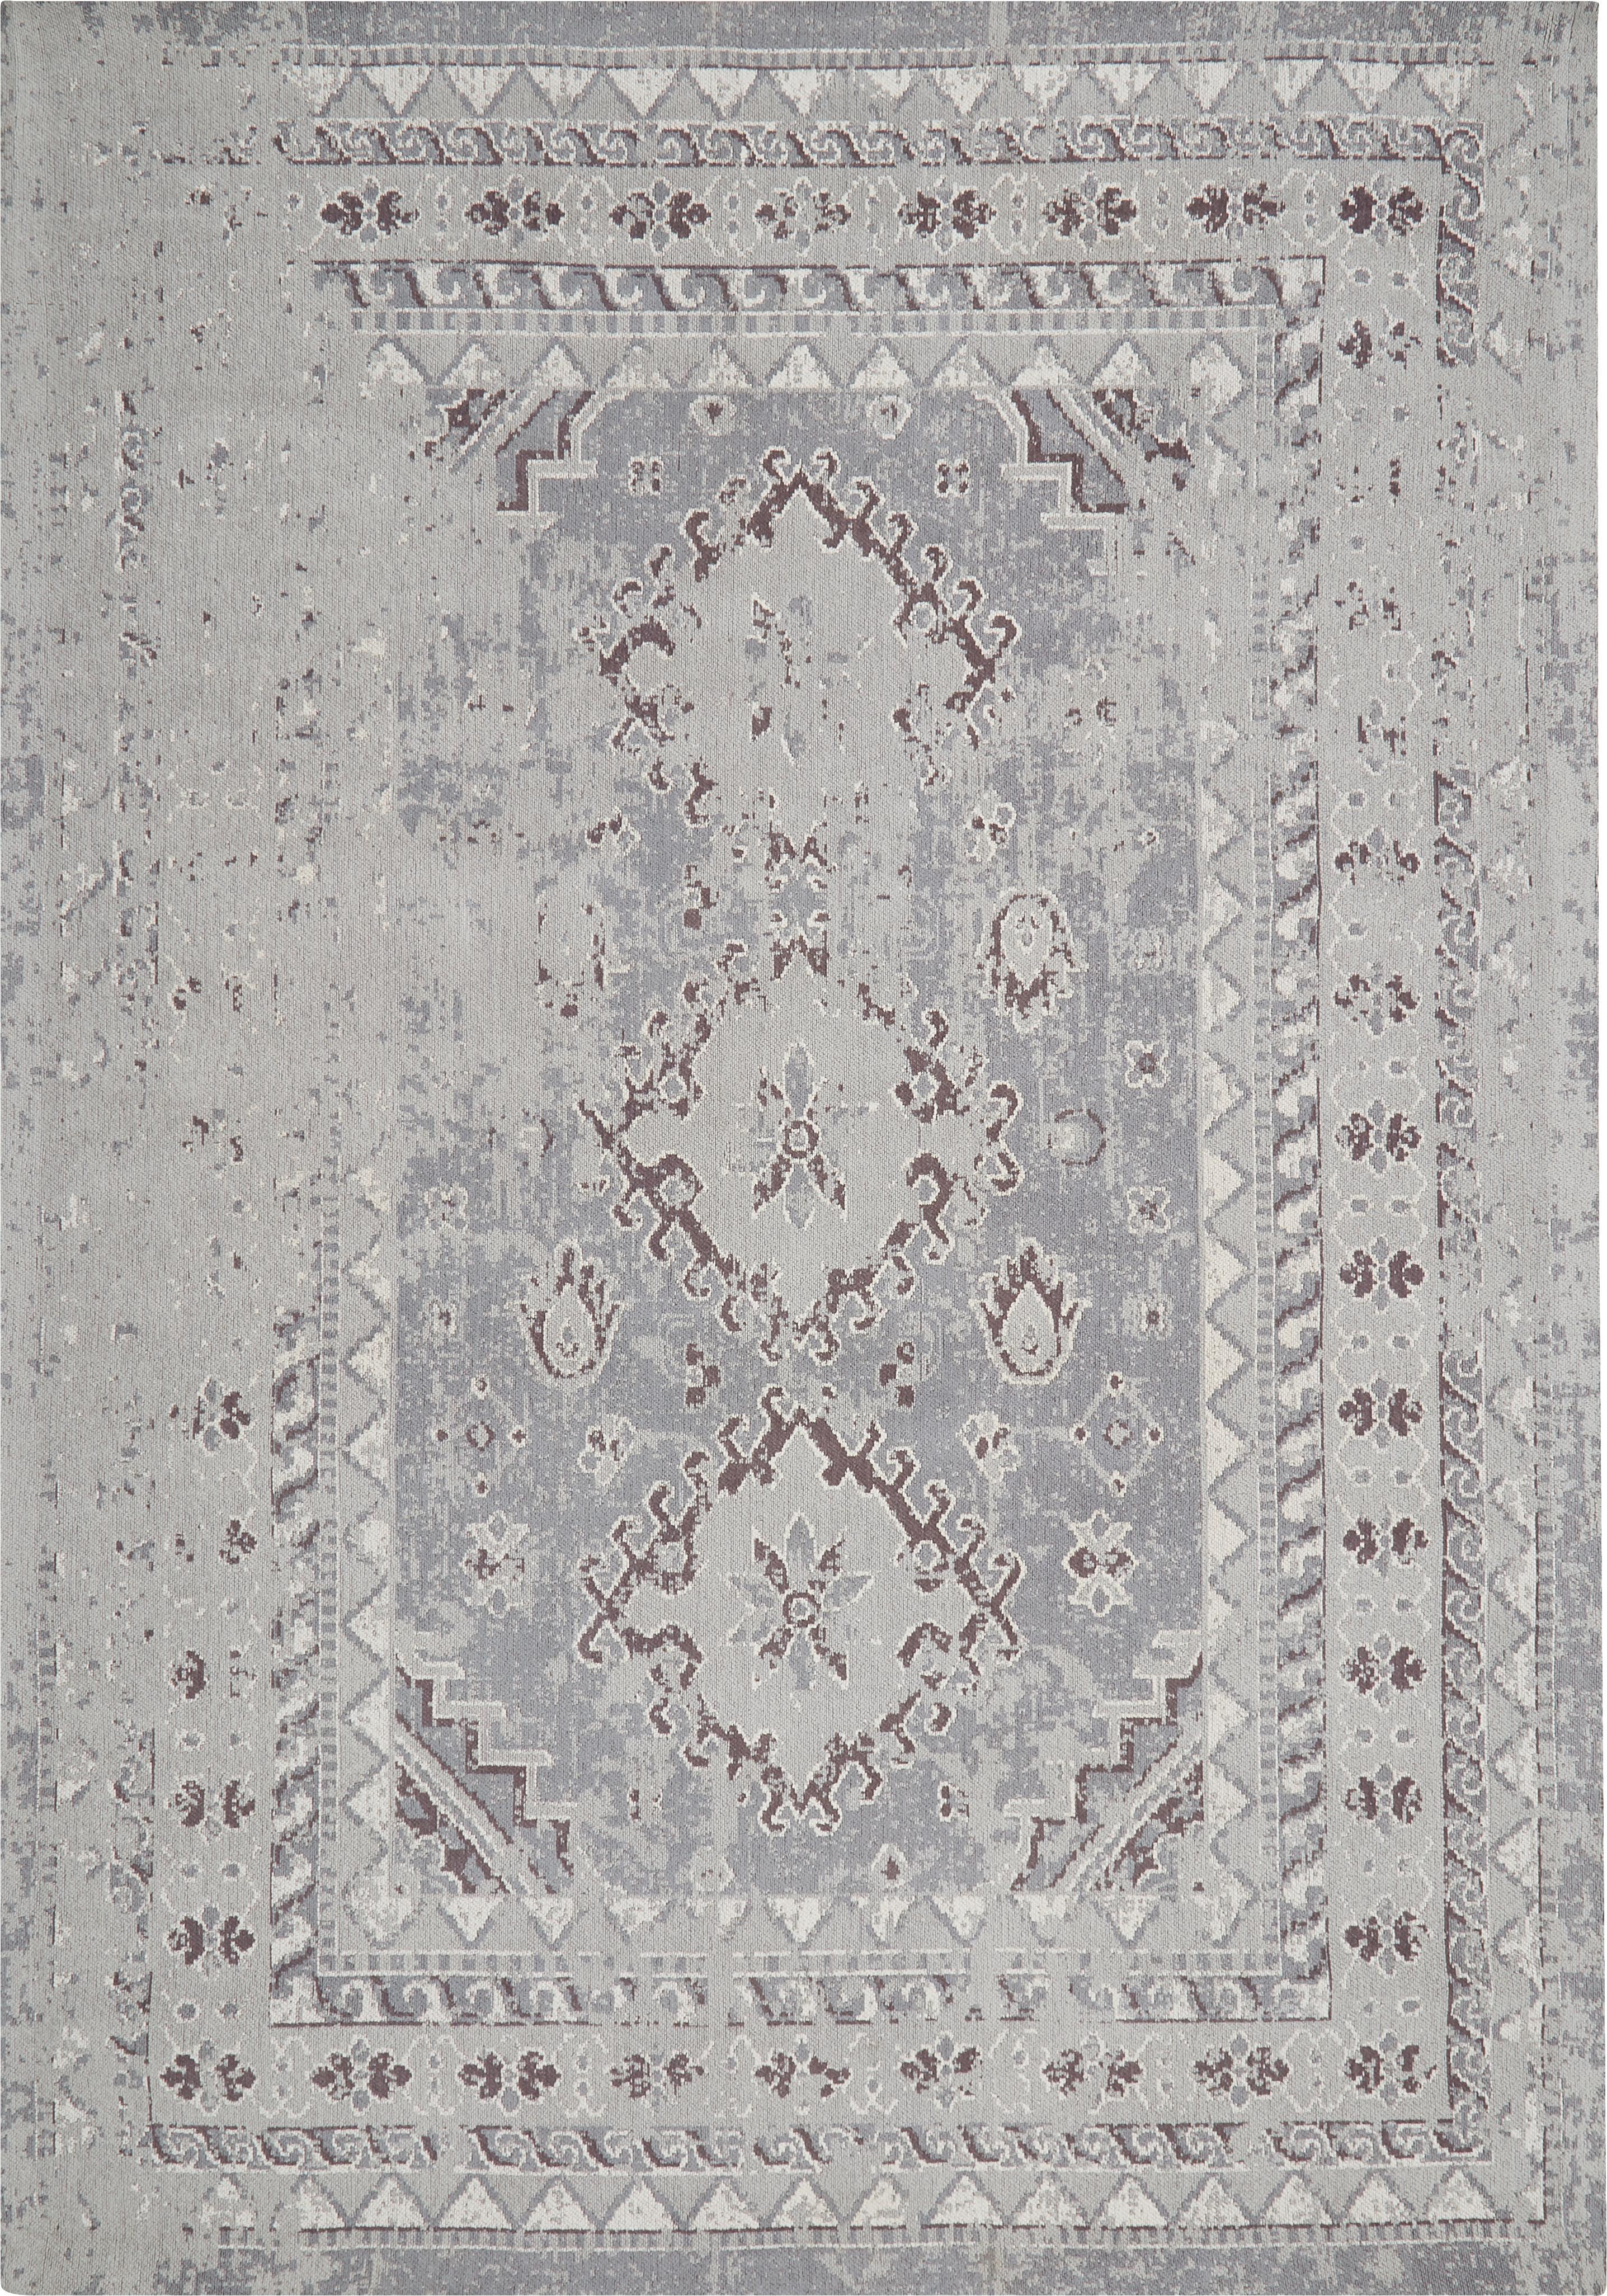 Vintage Chenilleteppich Rebel in Grau, Flor: 95% Baumwolle, 5% Polyest, Hellgrau, Creme, B 160 x L 230 cm (Größe M)